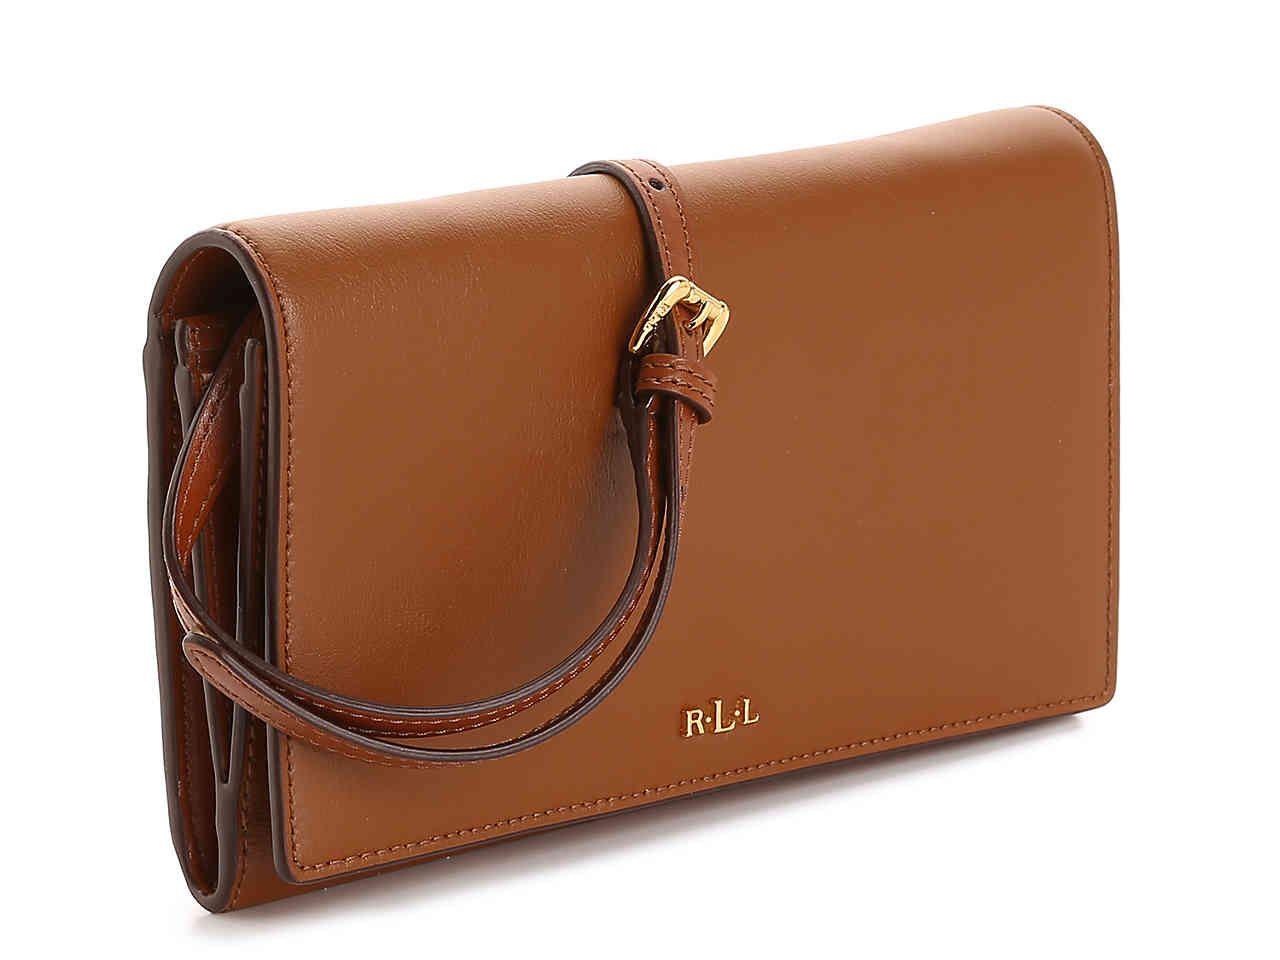 7b41fc6676 Lauren Ralph Lauren Dowell Leather Crossbody Bag Women s Handbags    Accessories